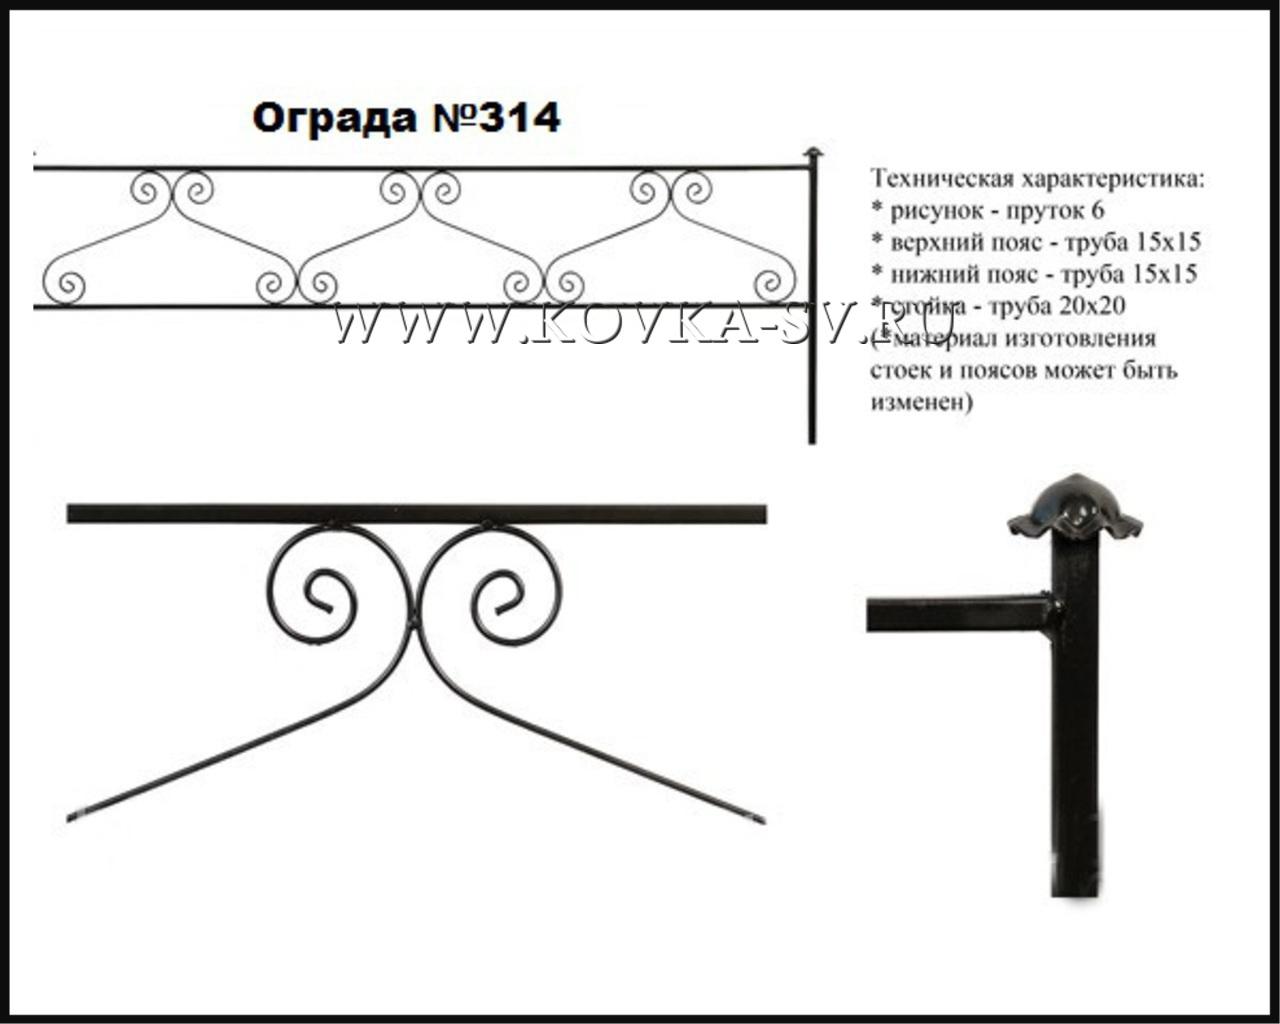 Ограда №314